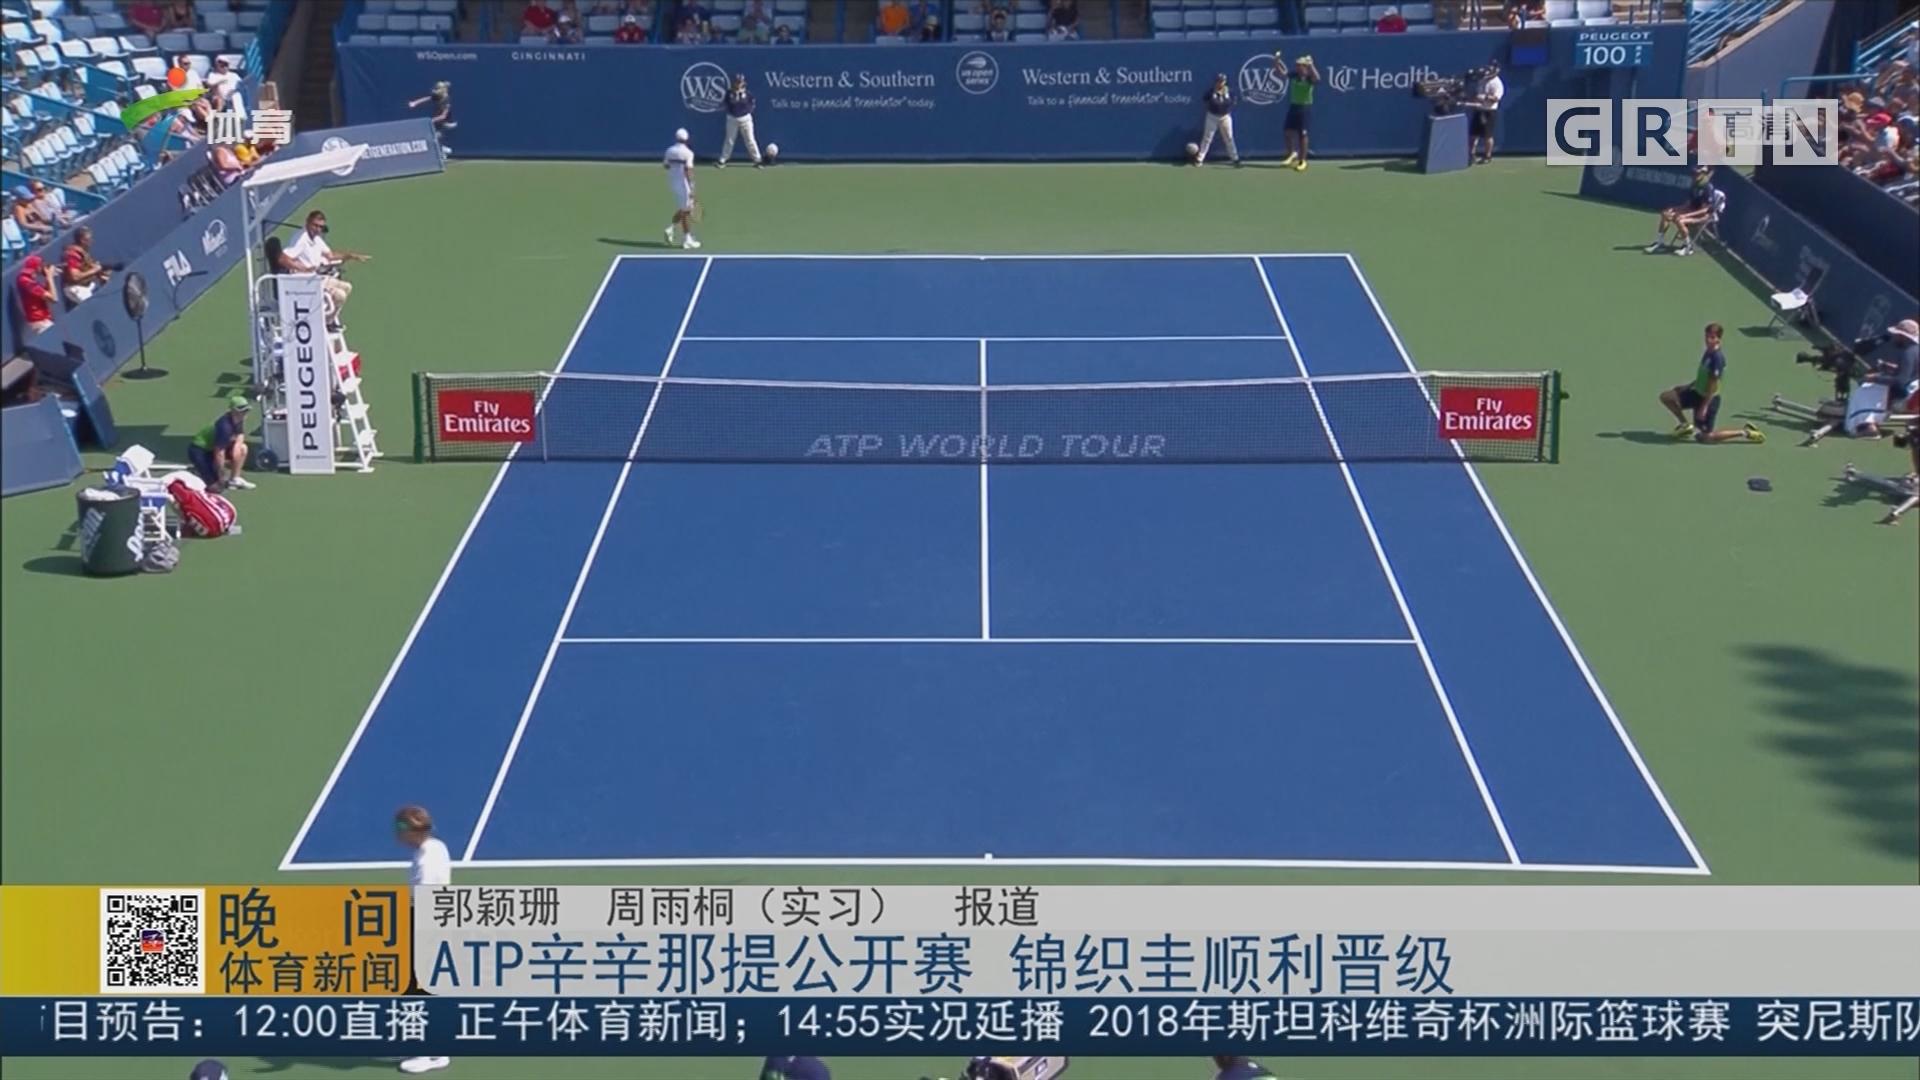 ATP辛辛那提公开赛 锦织圭顺利晋级